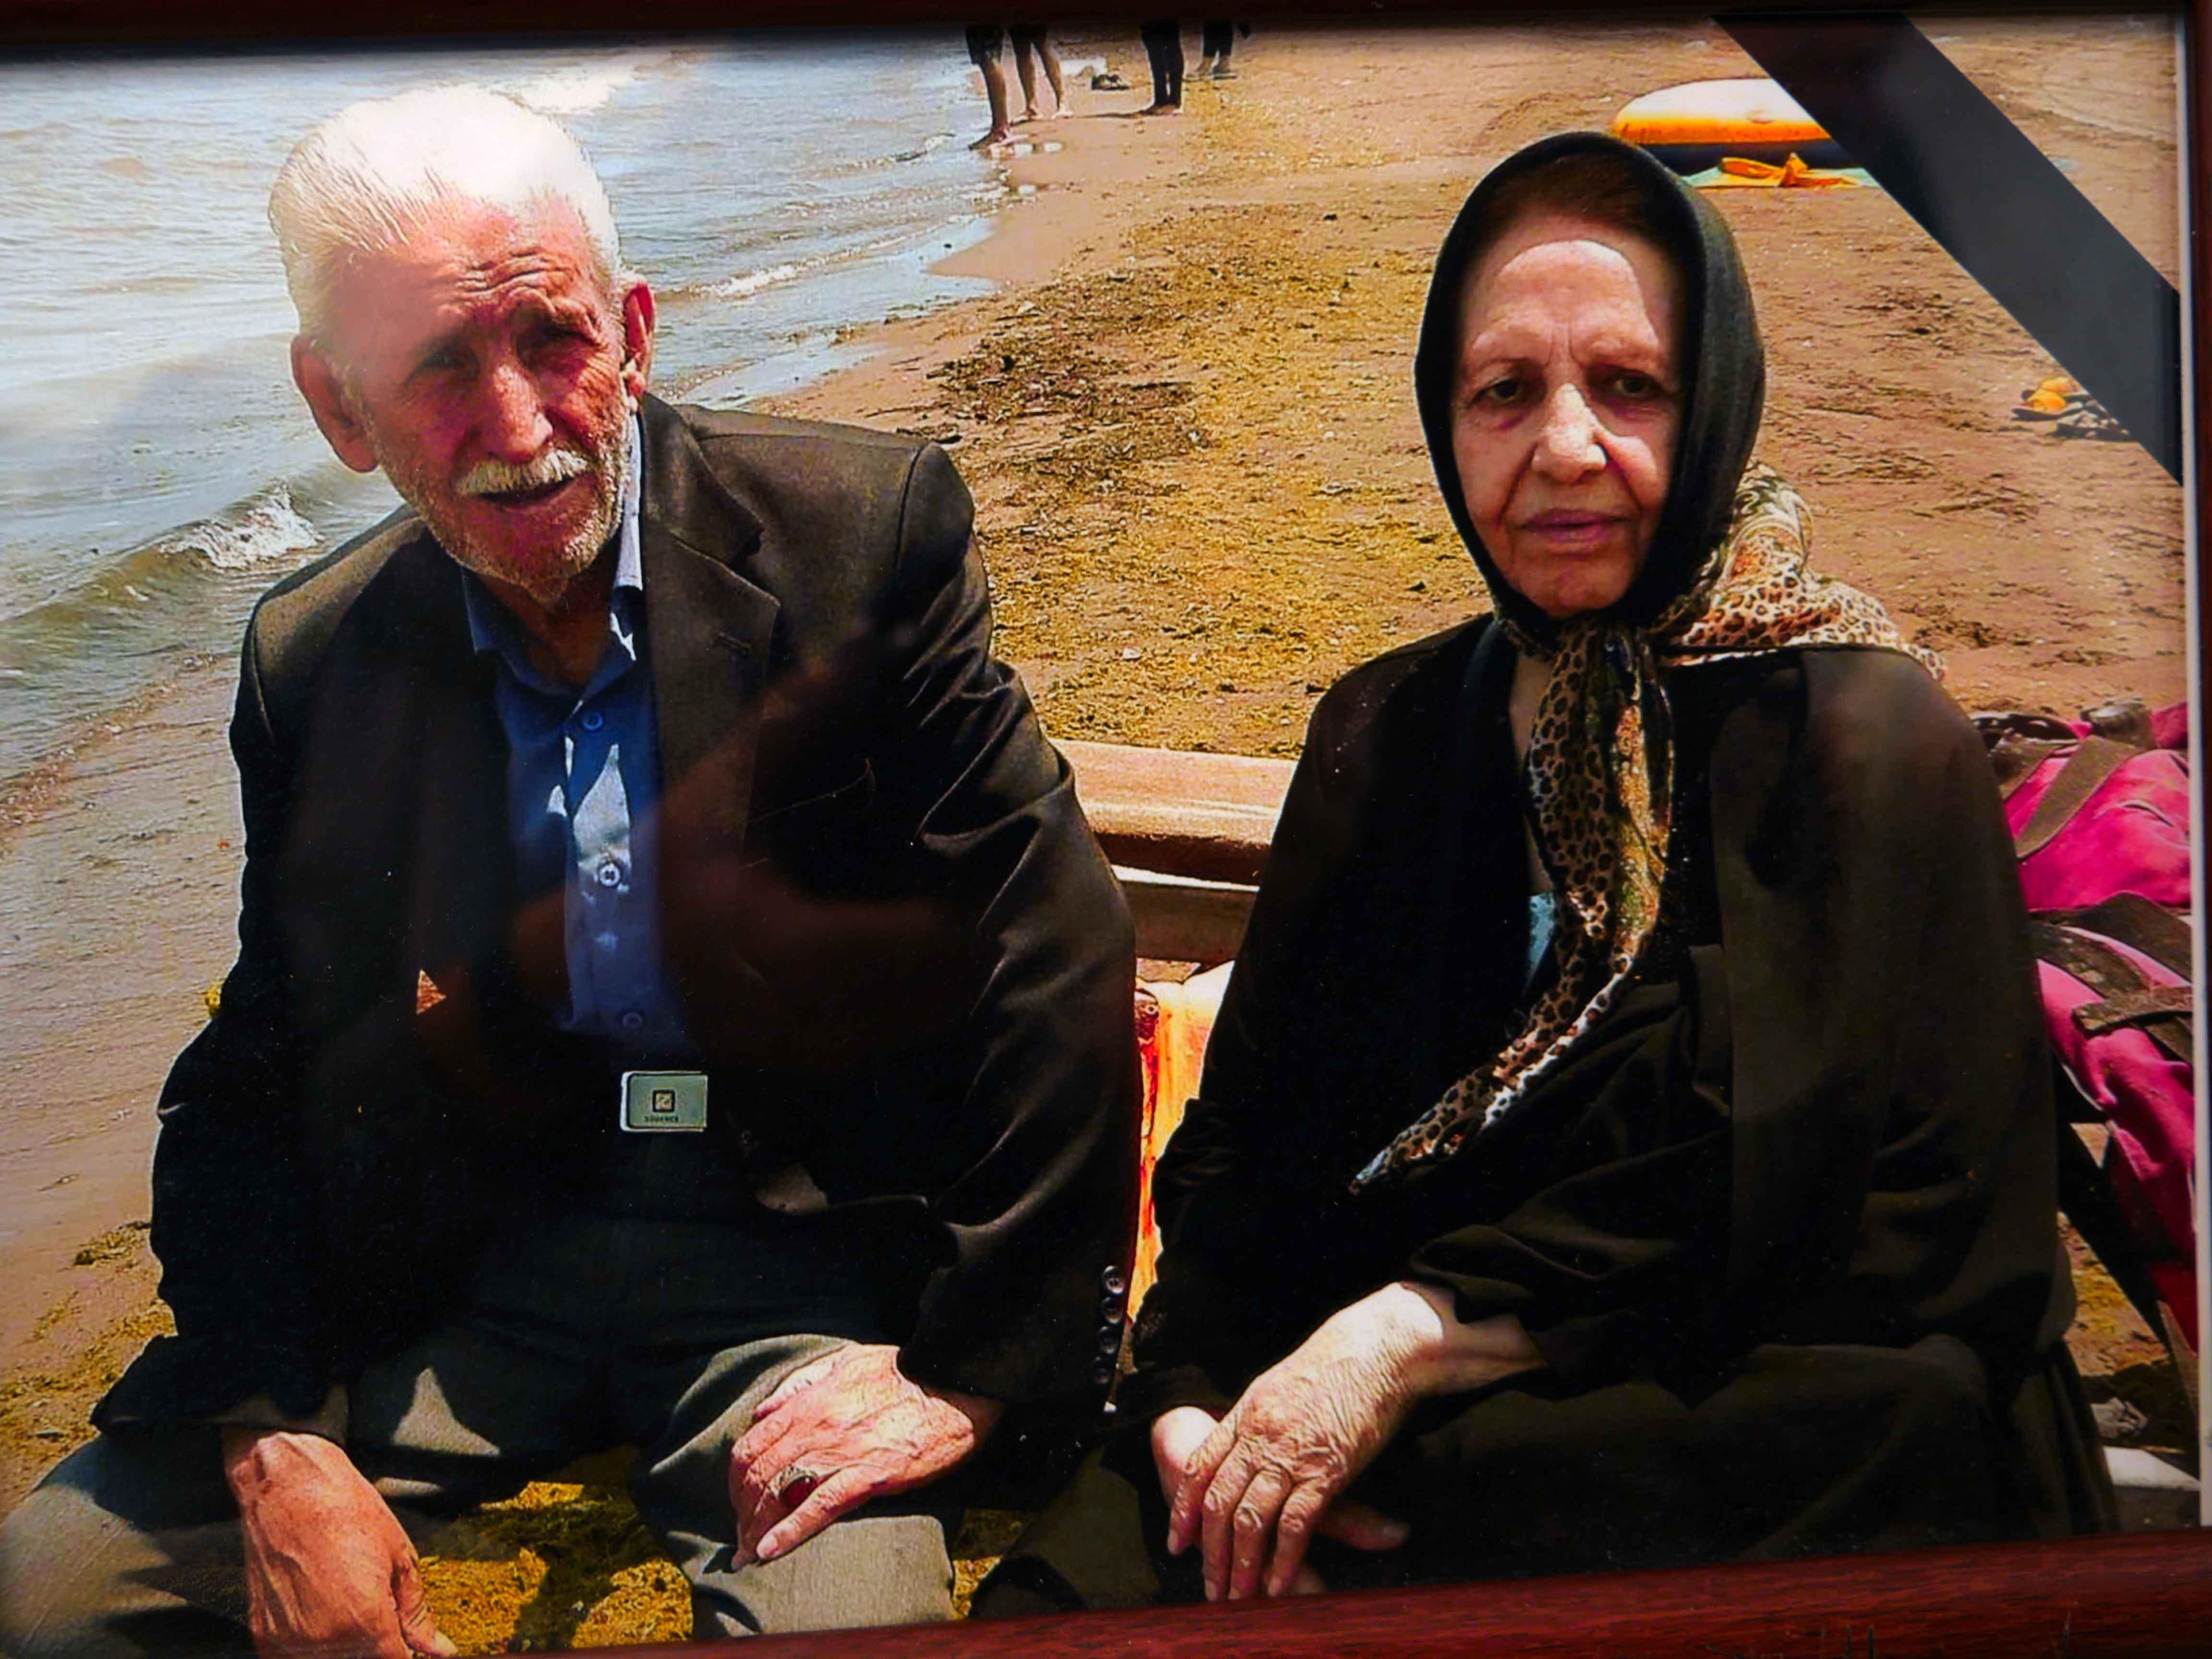 عکس های حوادث تهران (1)